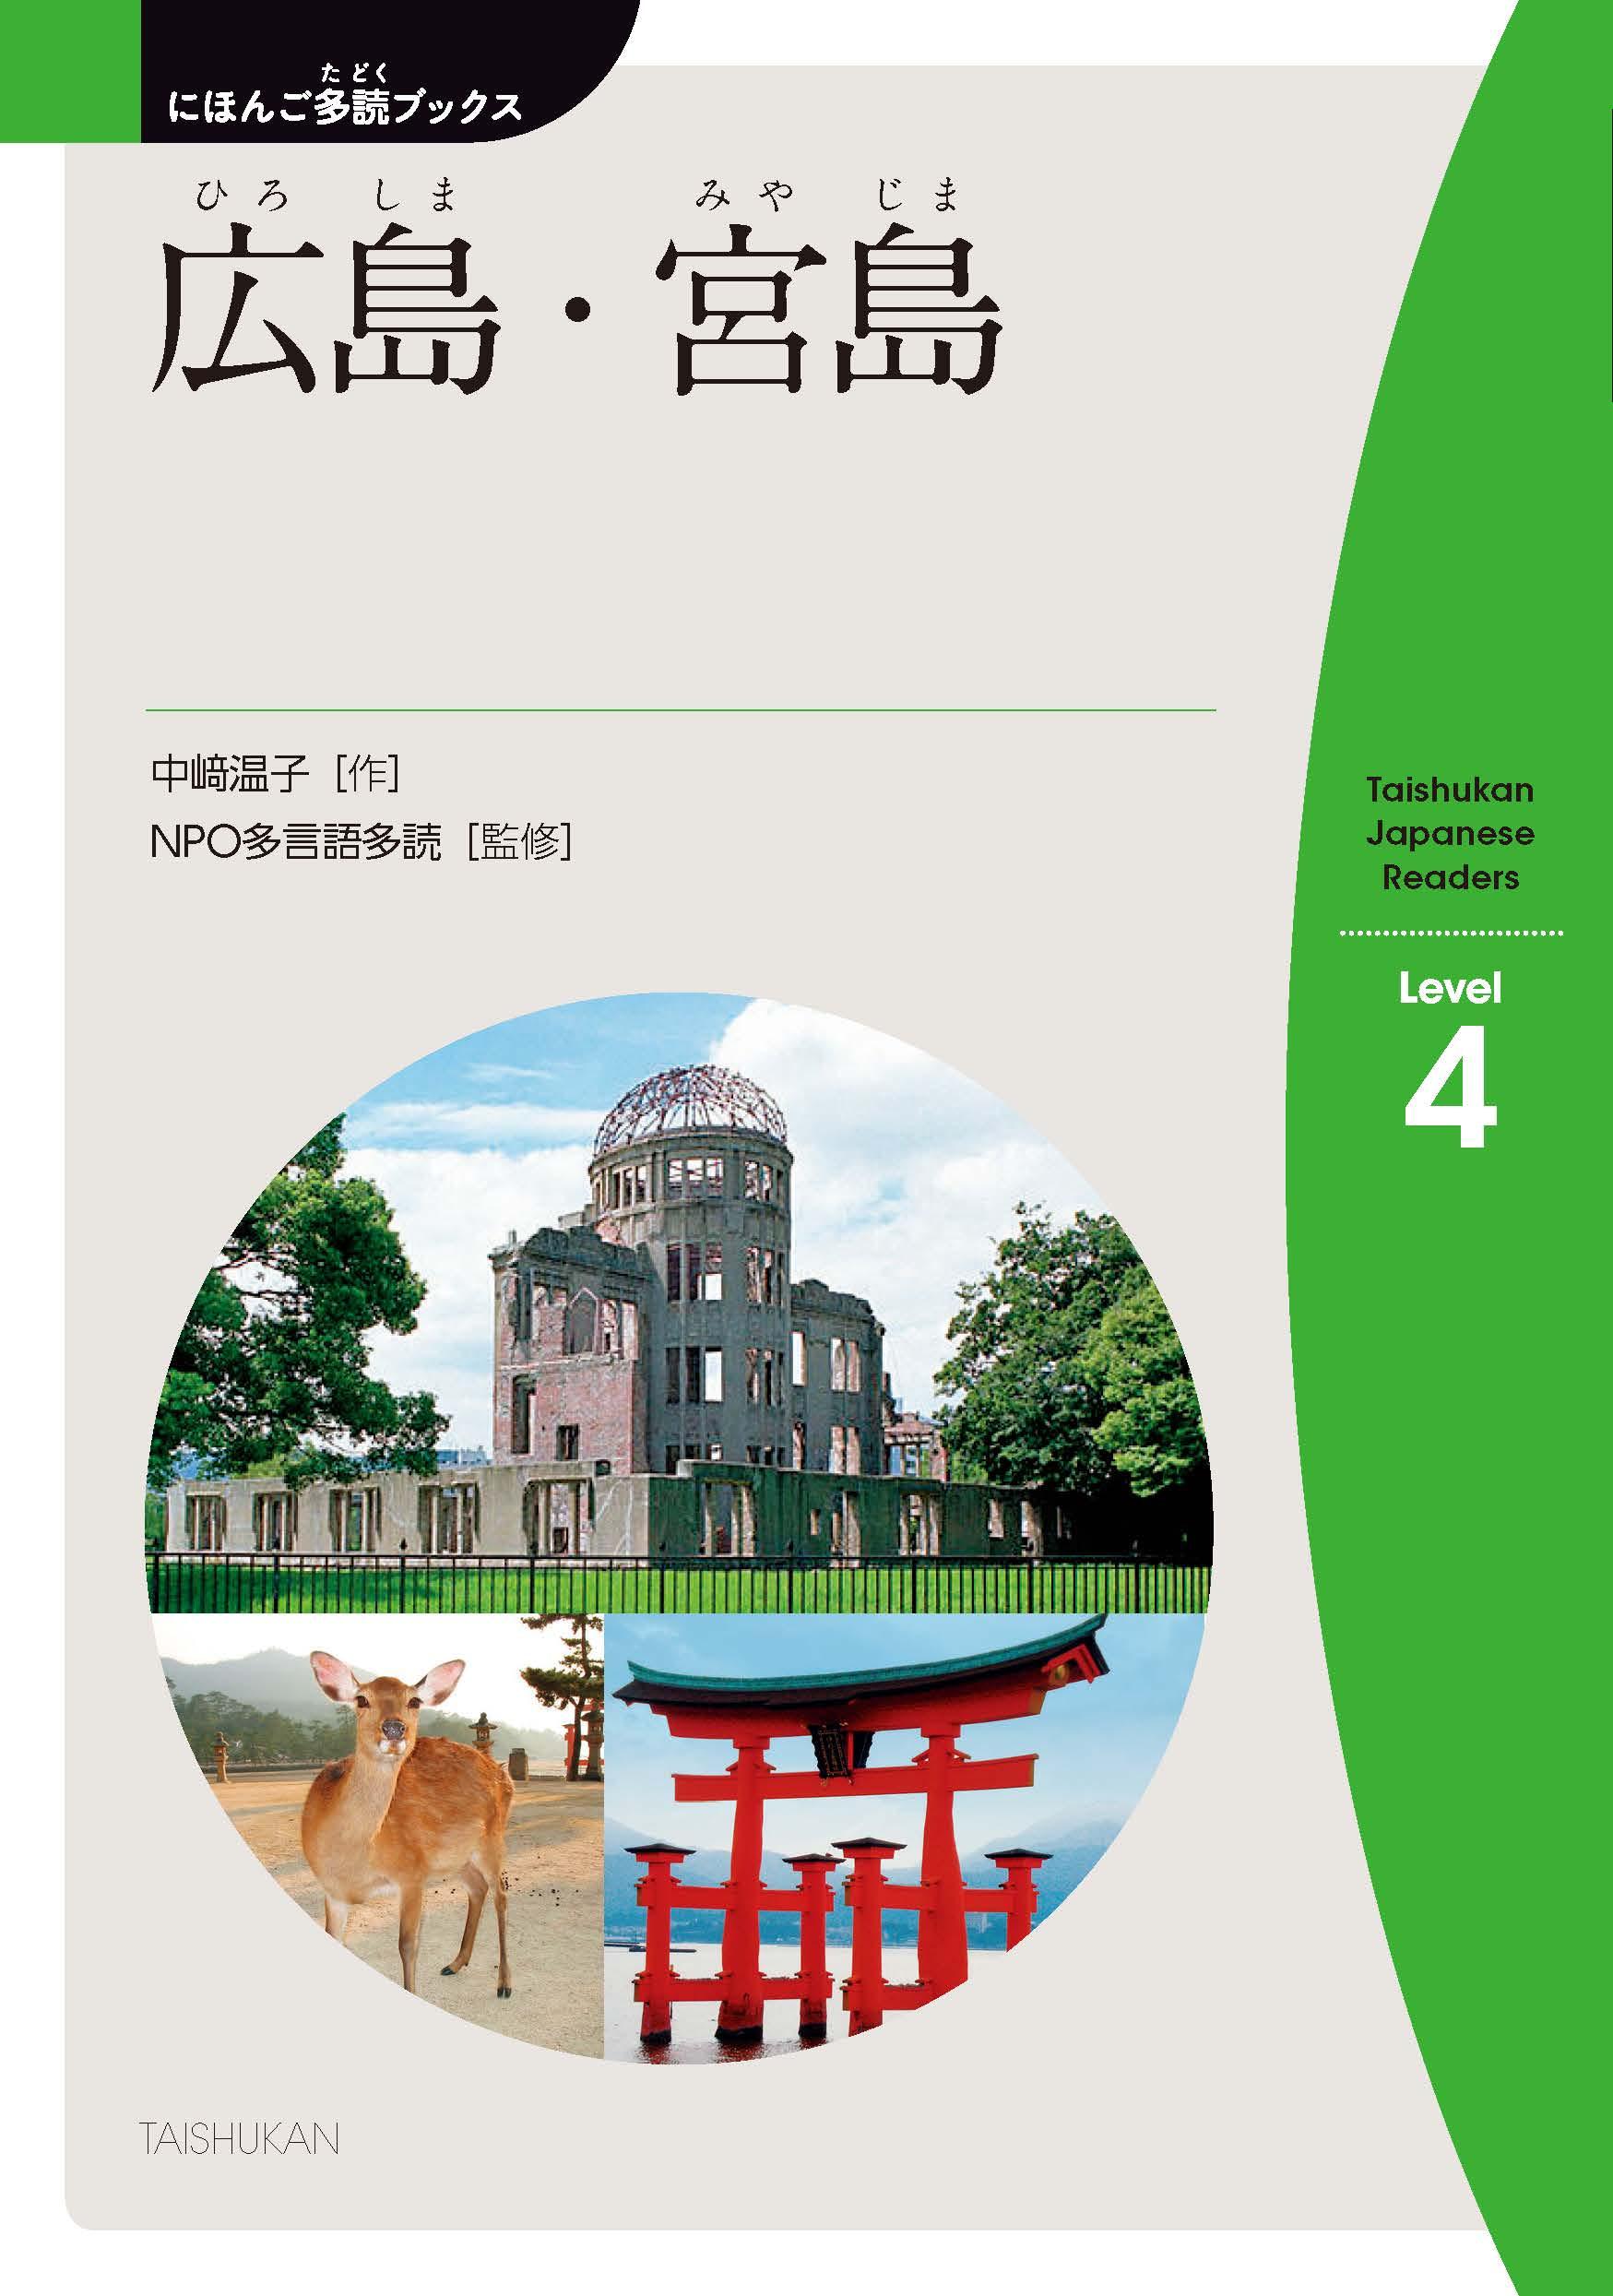 vol.4-3 広島(ひろしま)・宮島(みやじま) Hiroshima, Miyajima